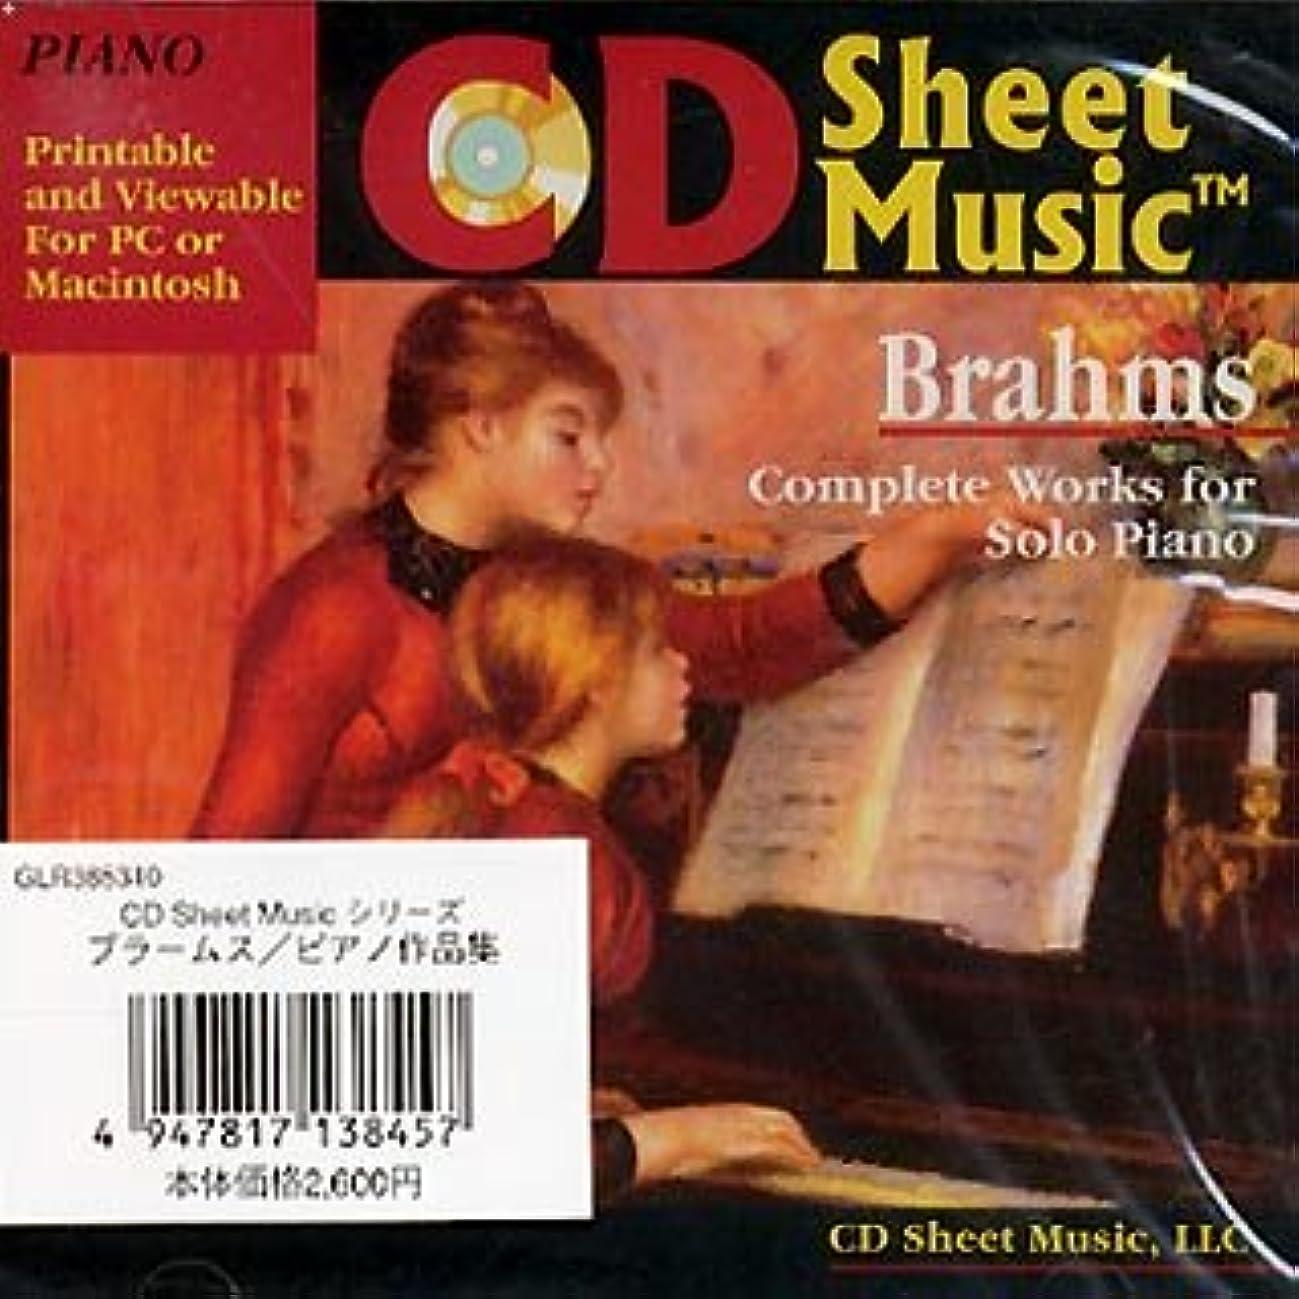 ハンマーゲートウェイ警戒CD Sheet Music ブラームス ピアノ作品集